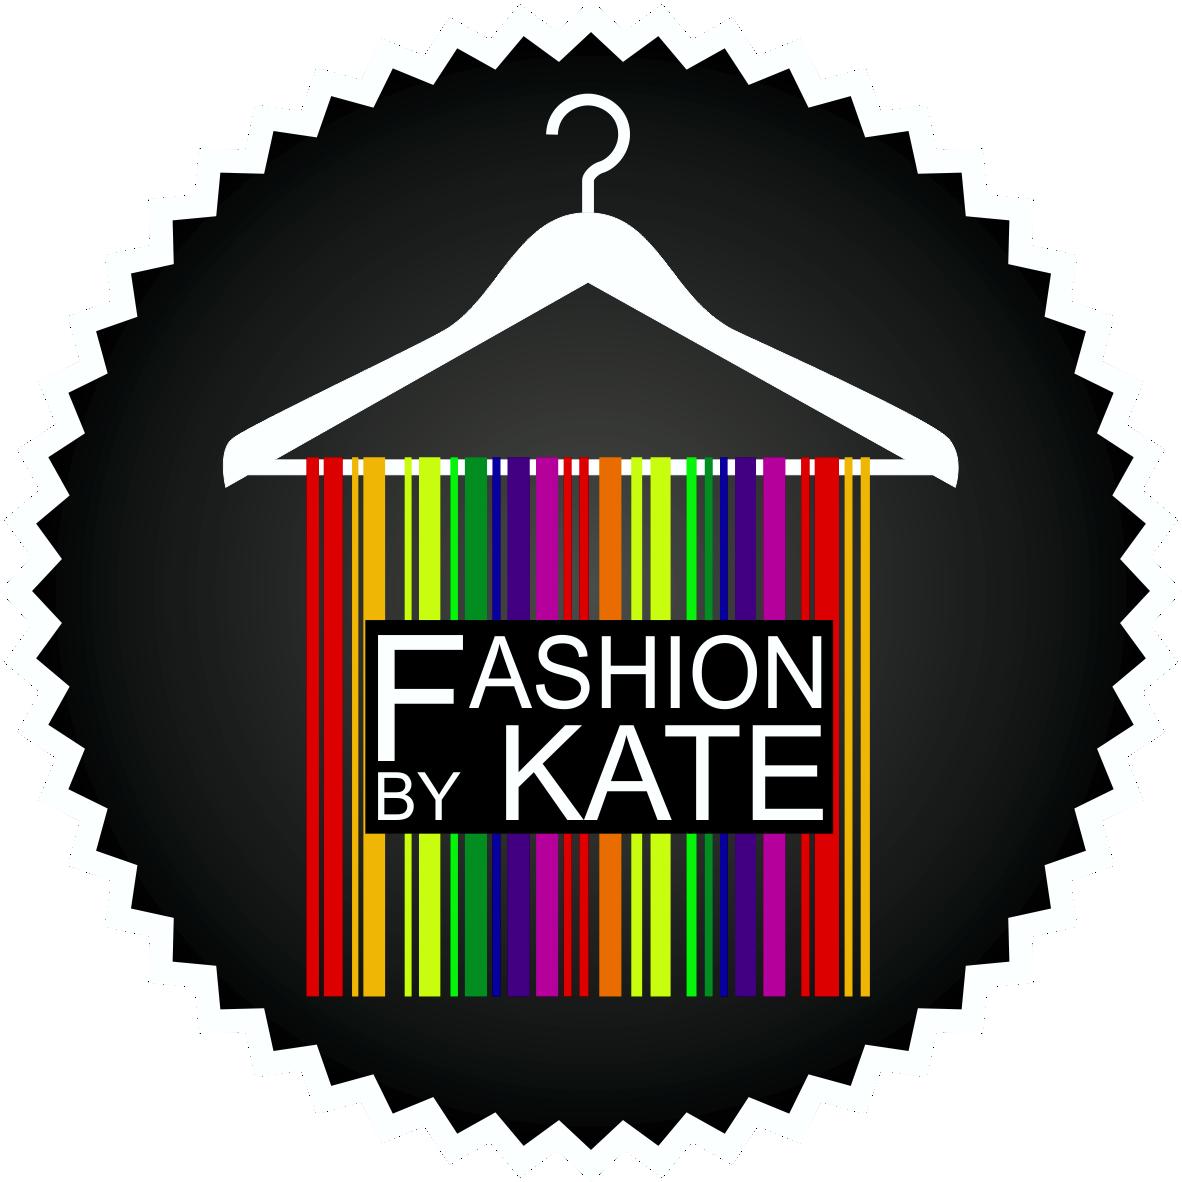 www.fashionbykate.cz